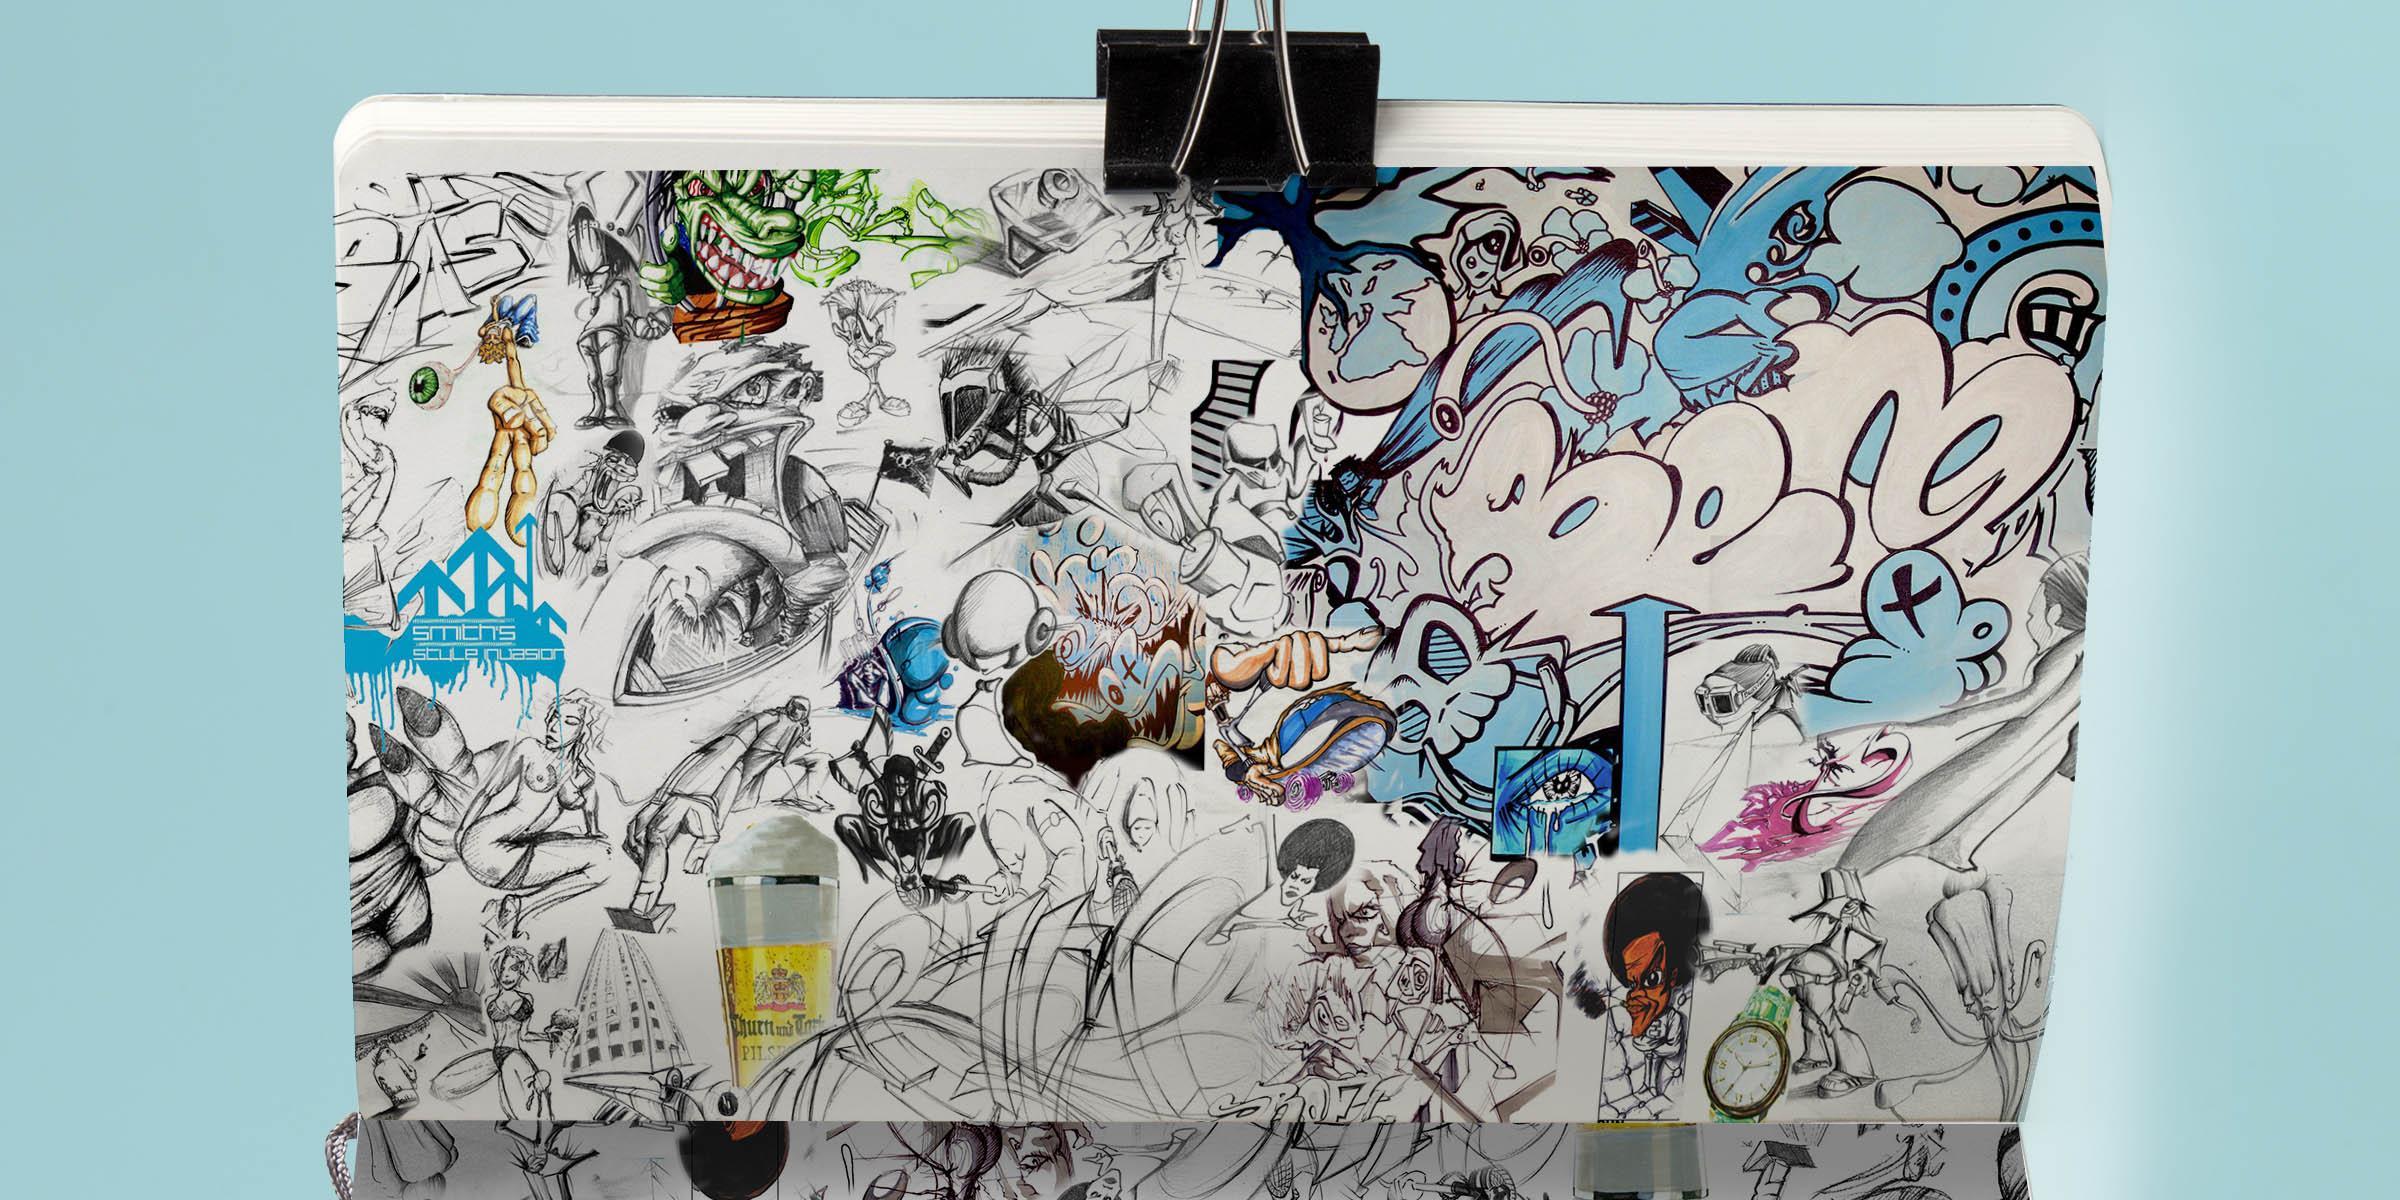 3 art artist street art illustrator gregor fenger art street acryl jakarta fair scribble graffiti